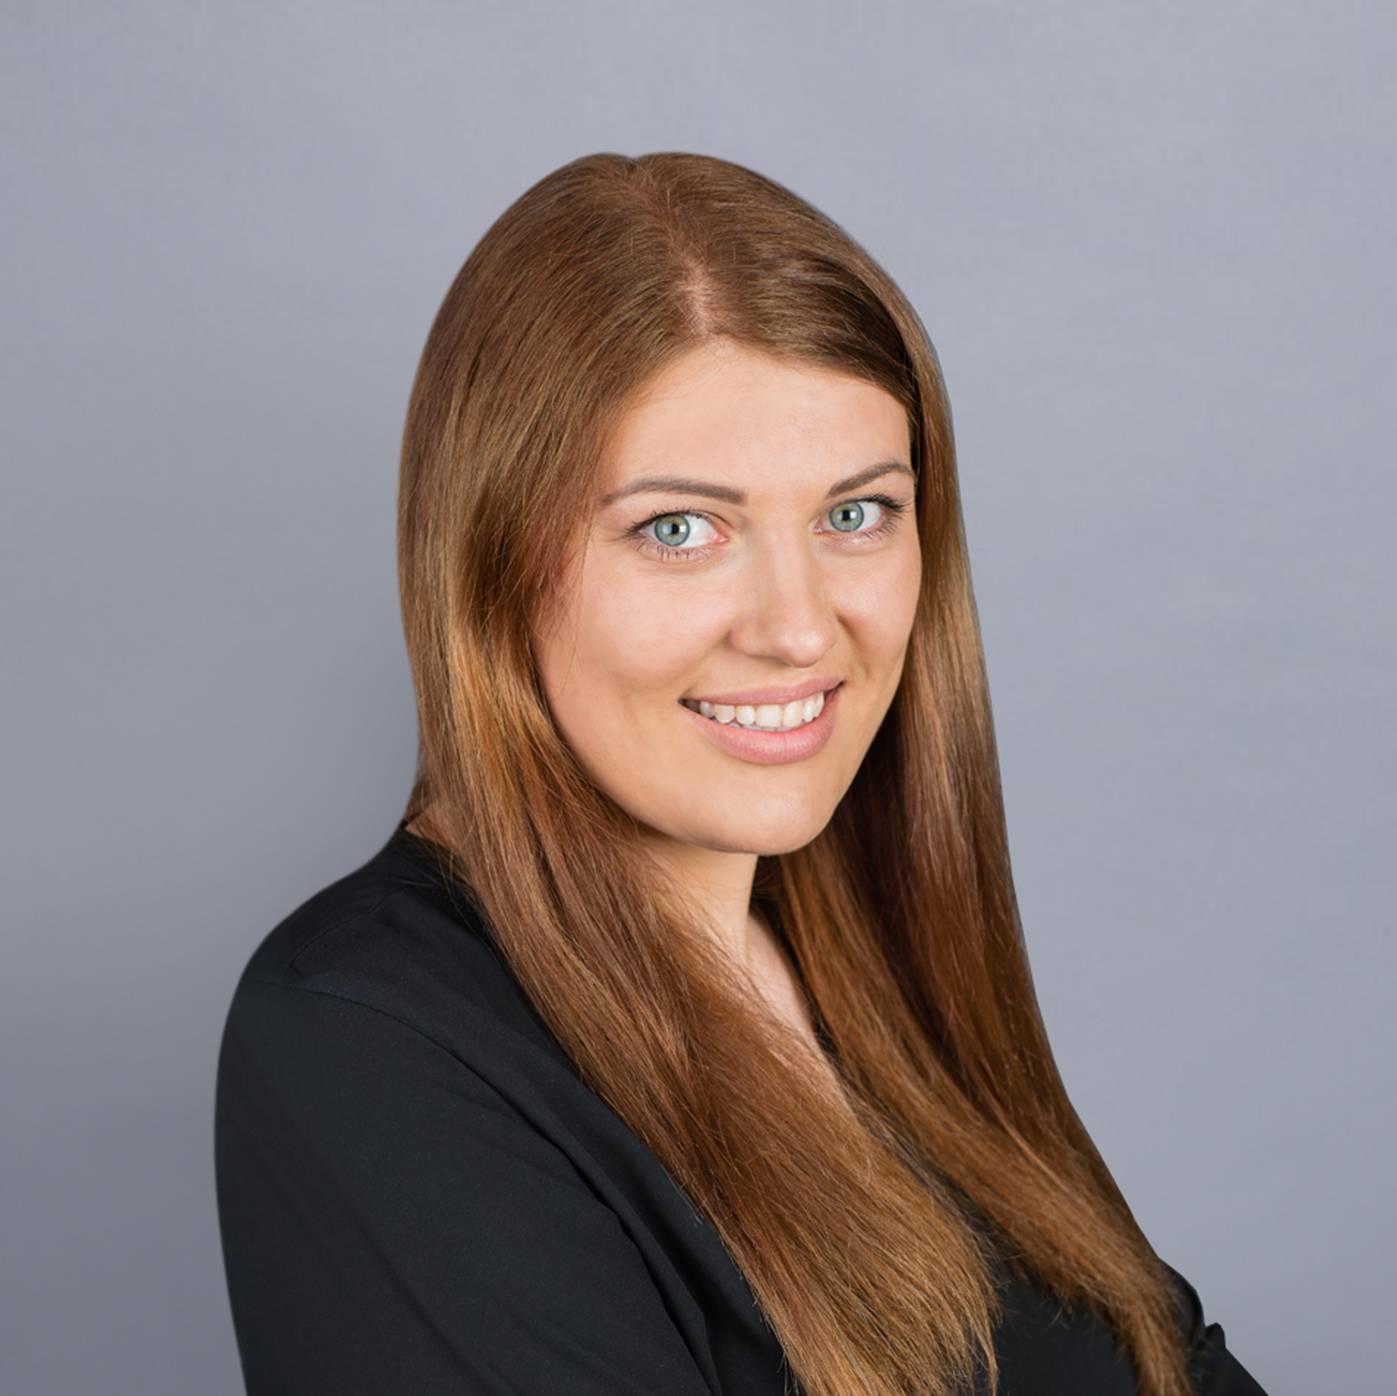 Dovilė Lubienė, Muitinės tarpininko atstovė